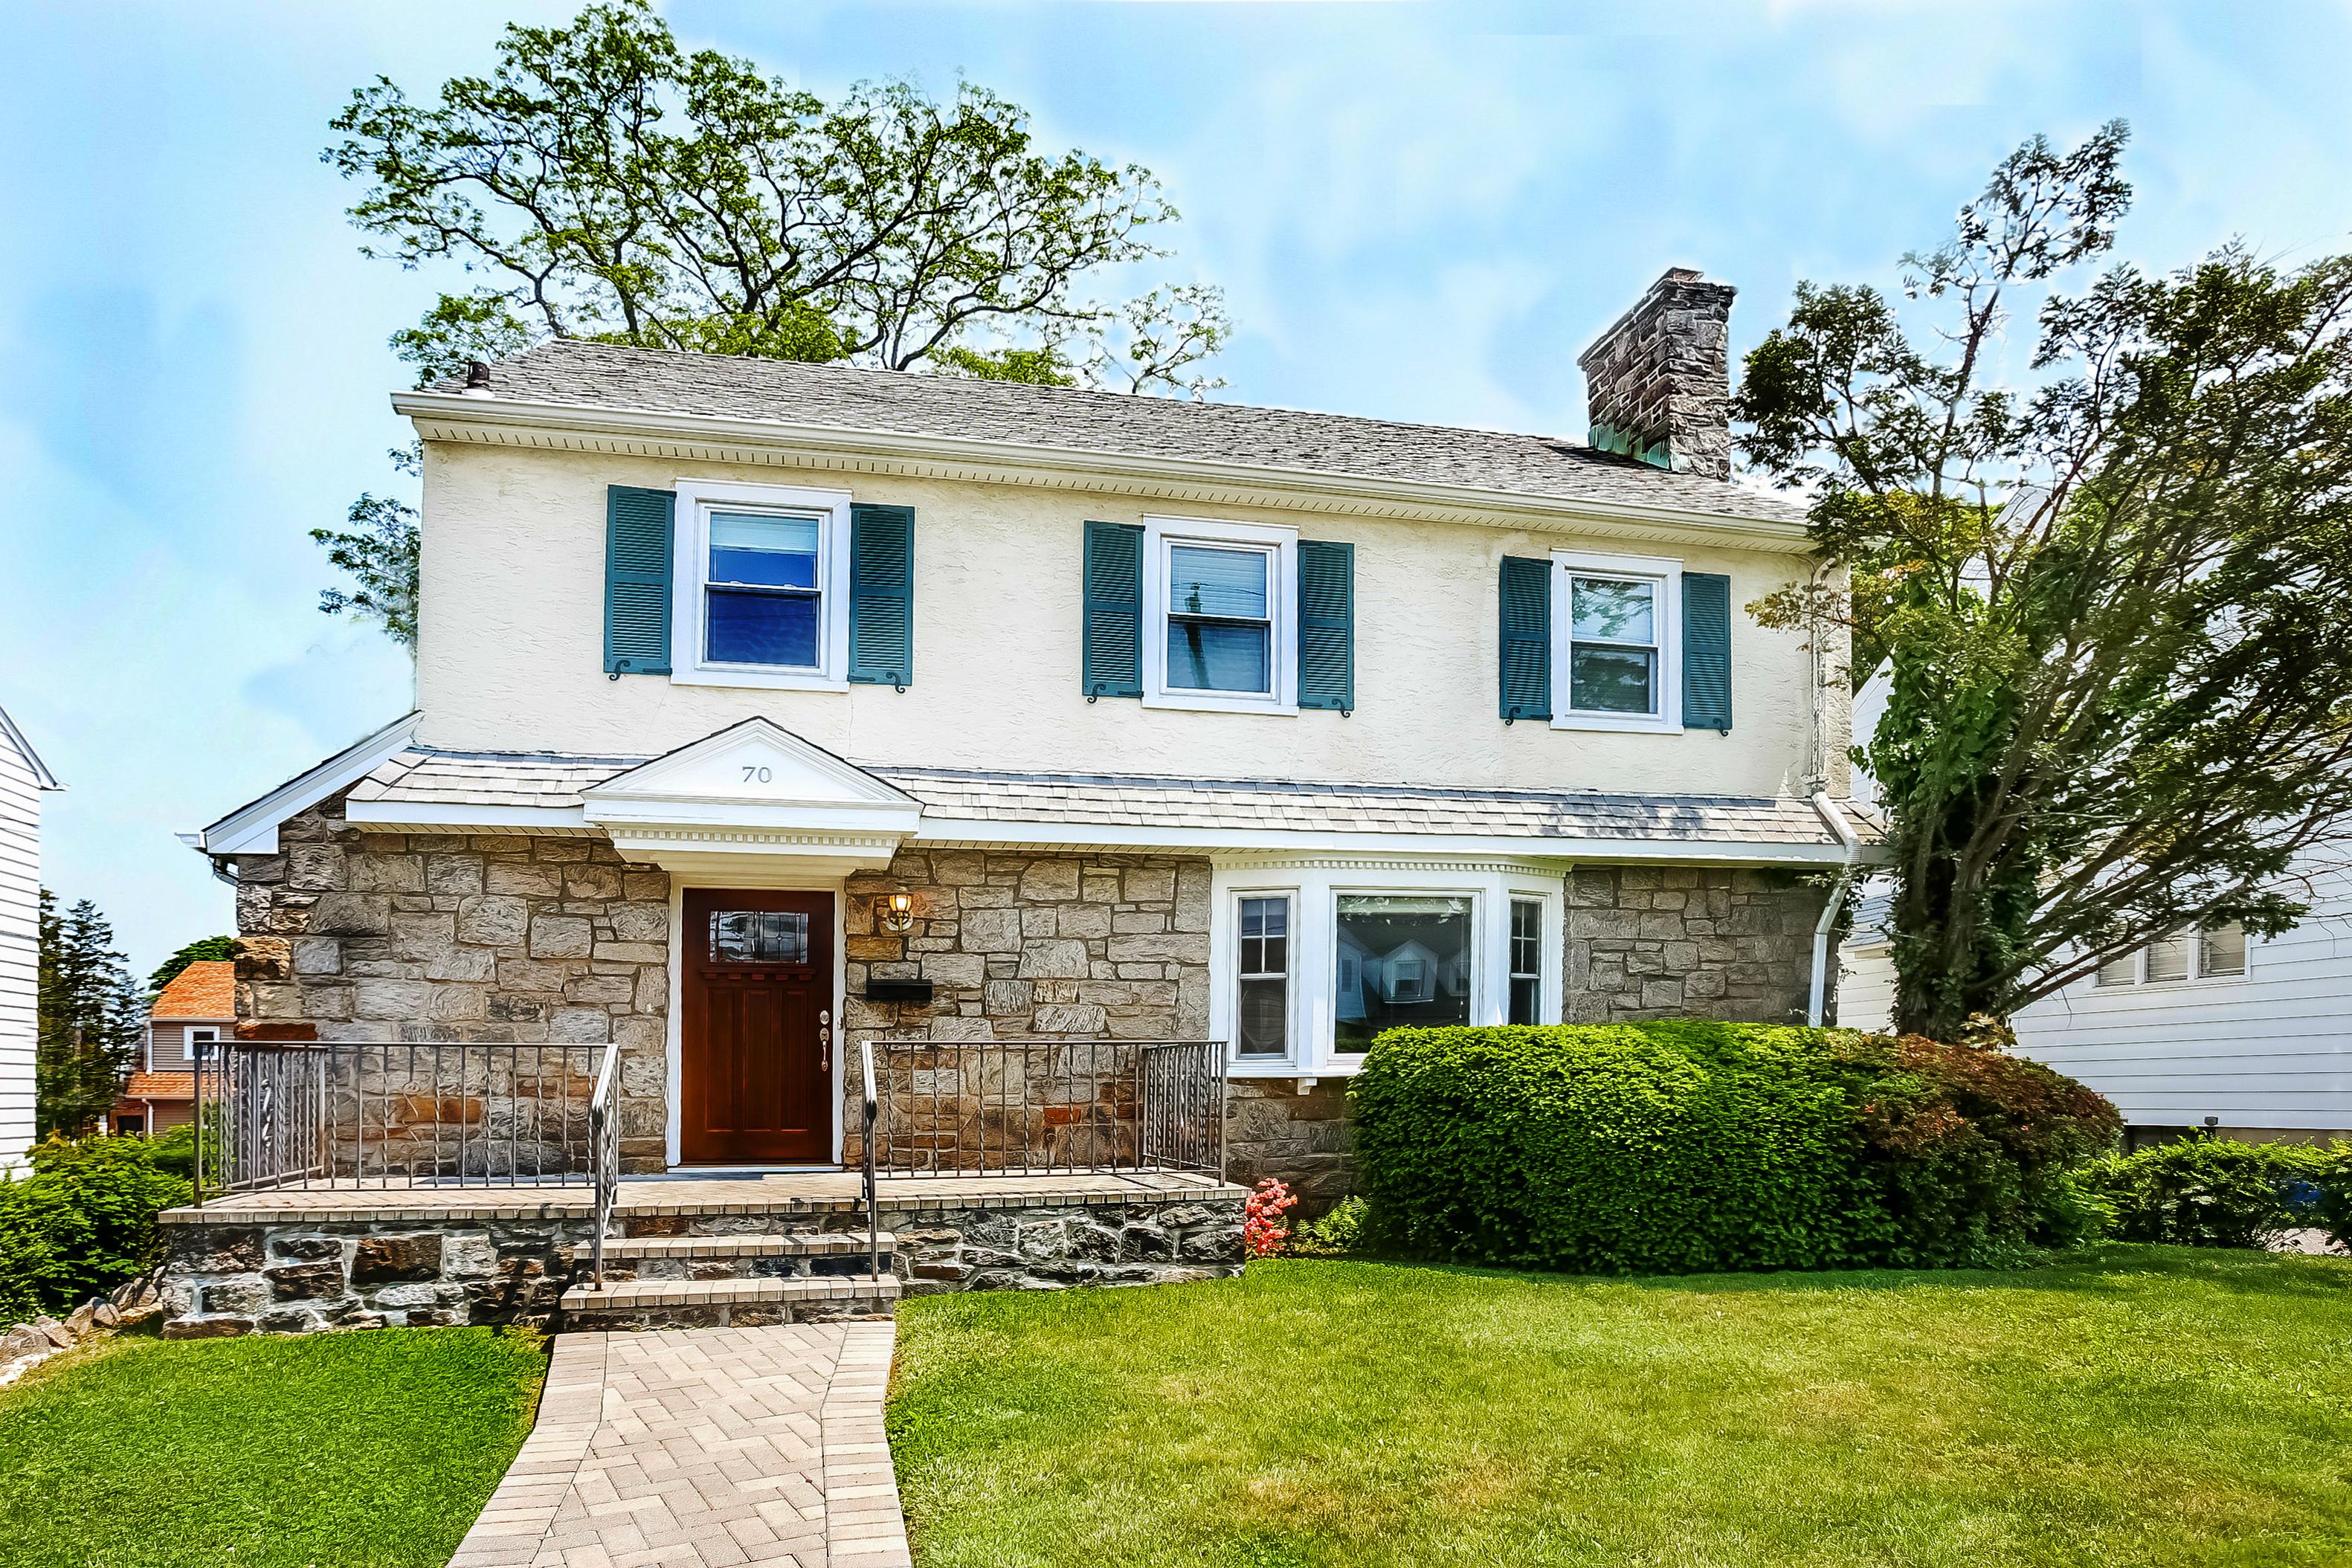 단독 가정 주택 용 매매 에 Renovated Stone Colonial 70 Lincoln Avenue White Plains, 뉴욕, 10606 미국